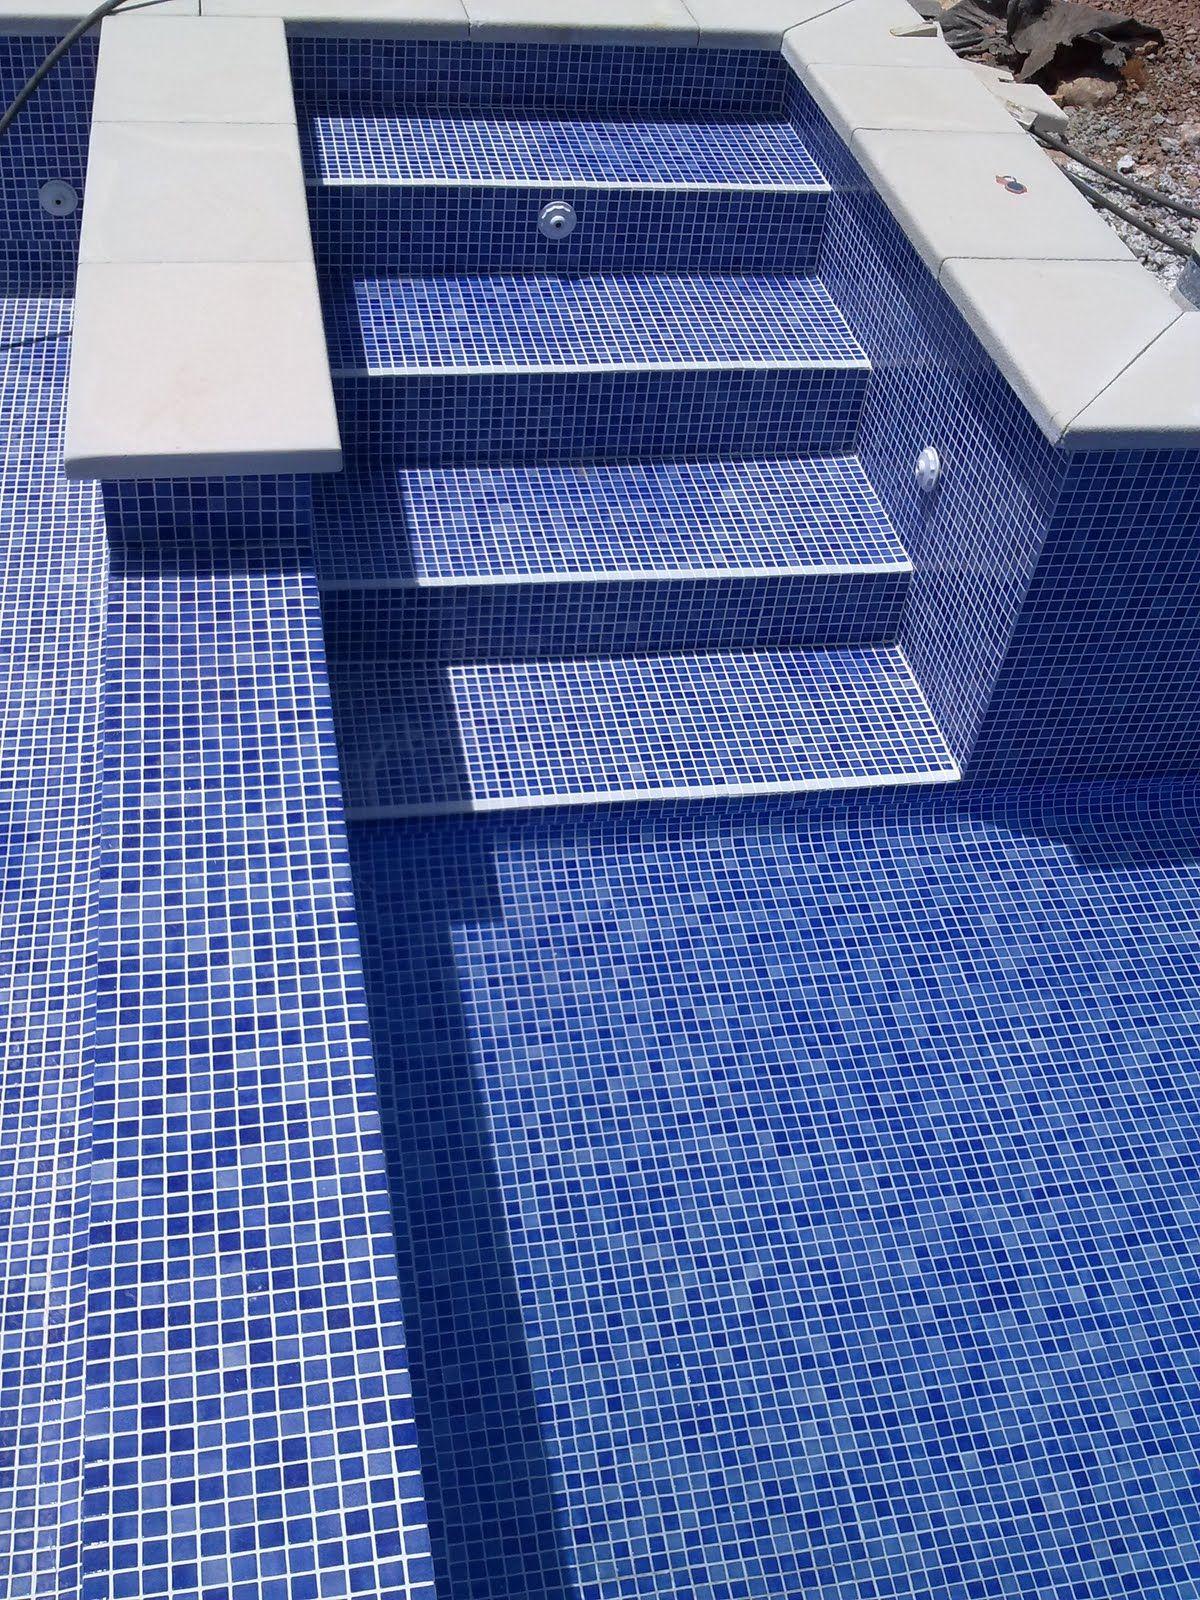 Gresite piscinas buscar con google pool pinterest - Que es el gresite ...